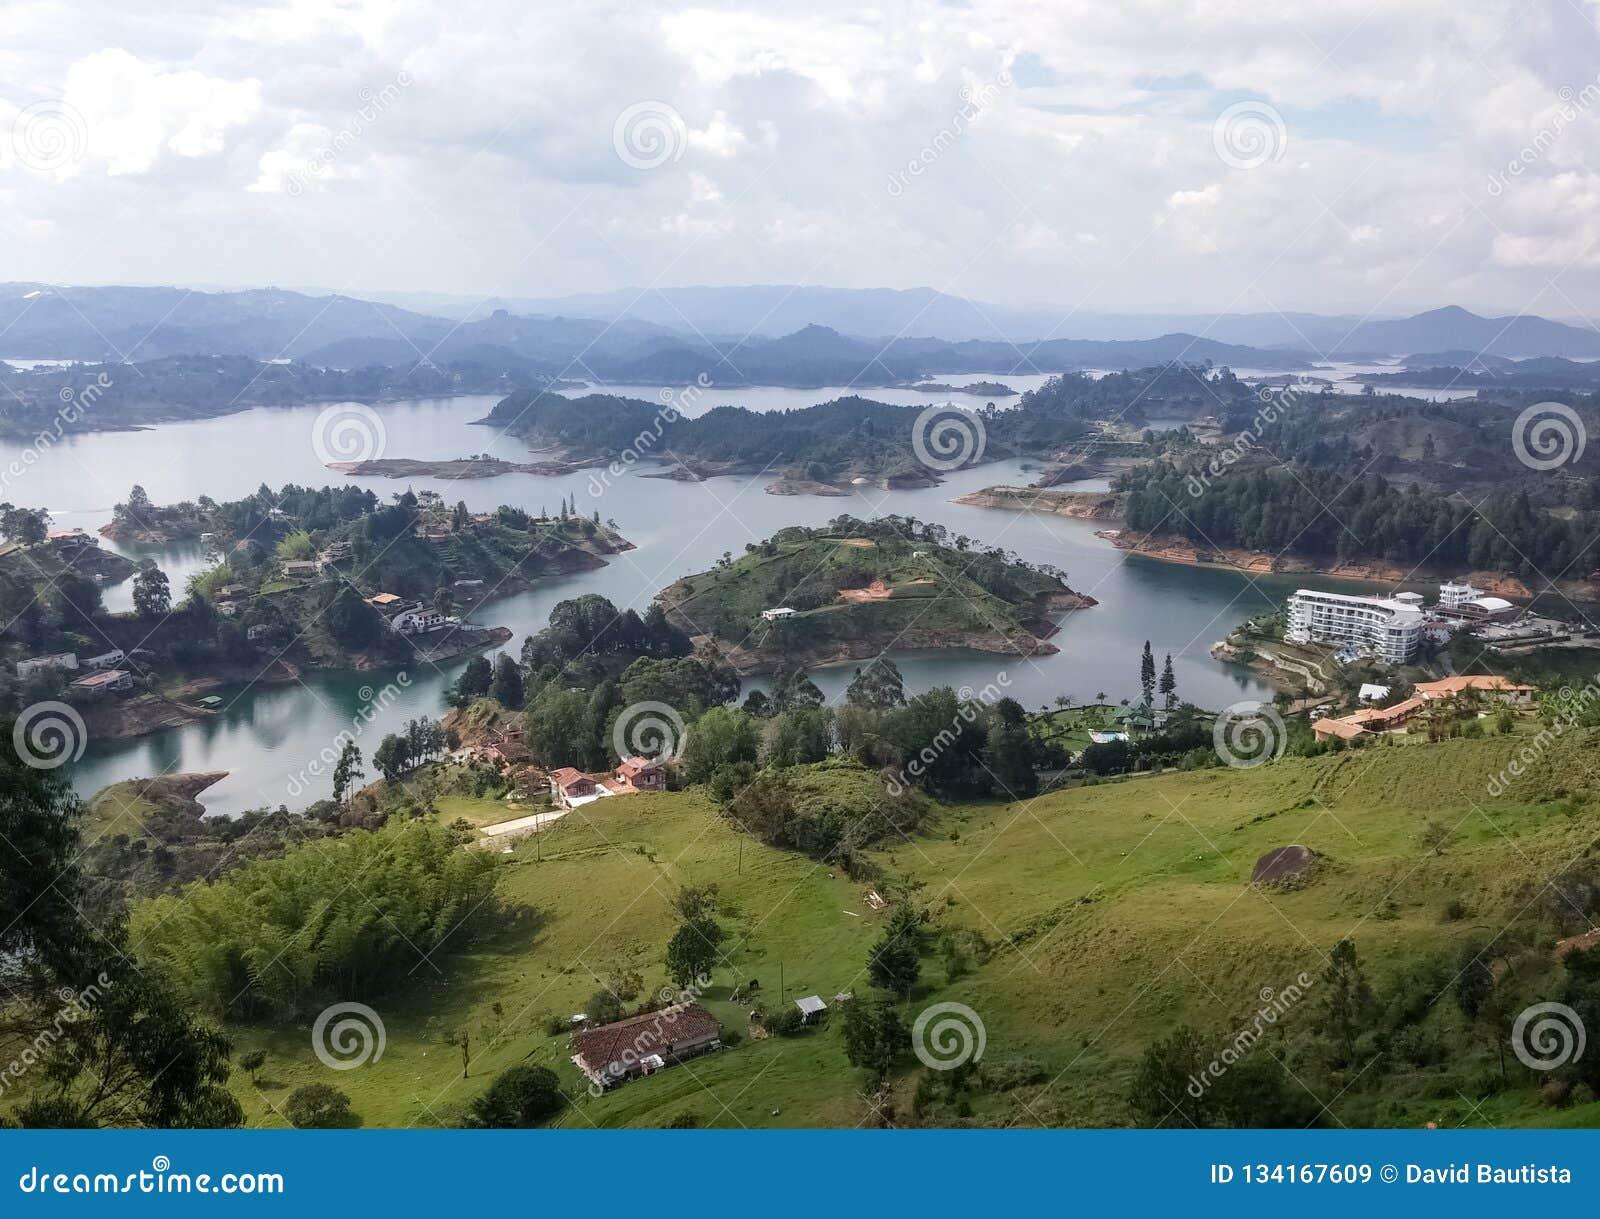 Landskap med lugna sjöar, gröna berg, frodiga skogar och några sommarvillor